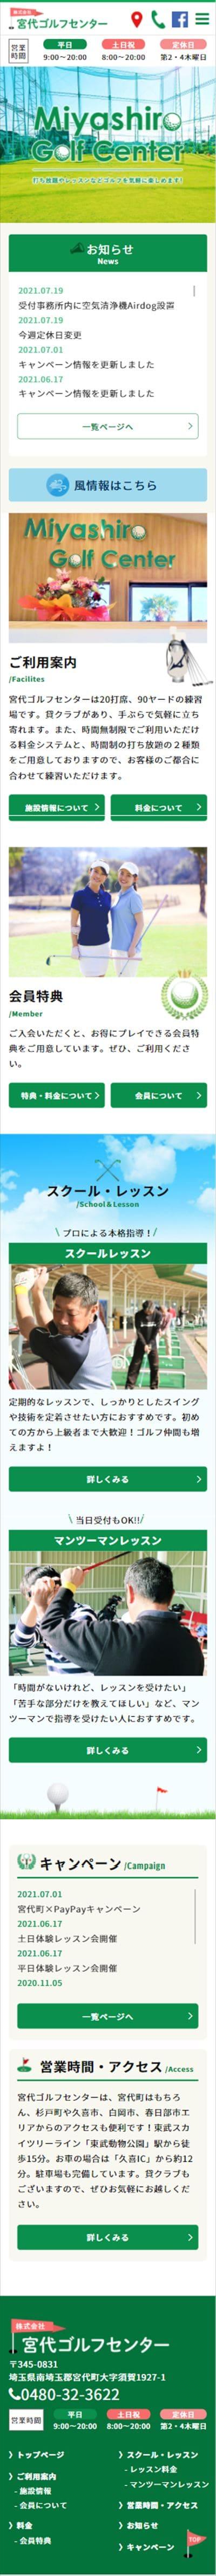 宮代ゴルフセンター